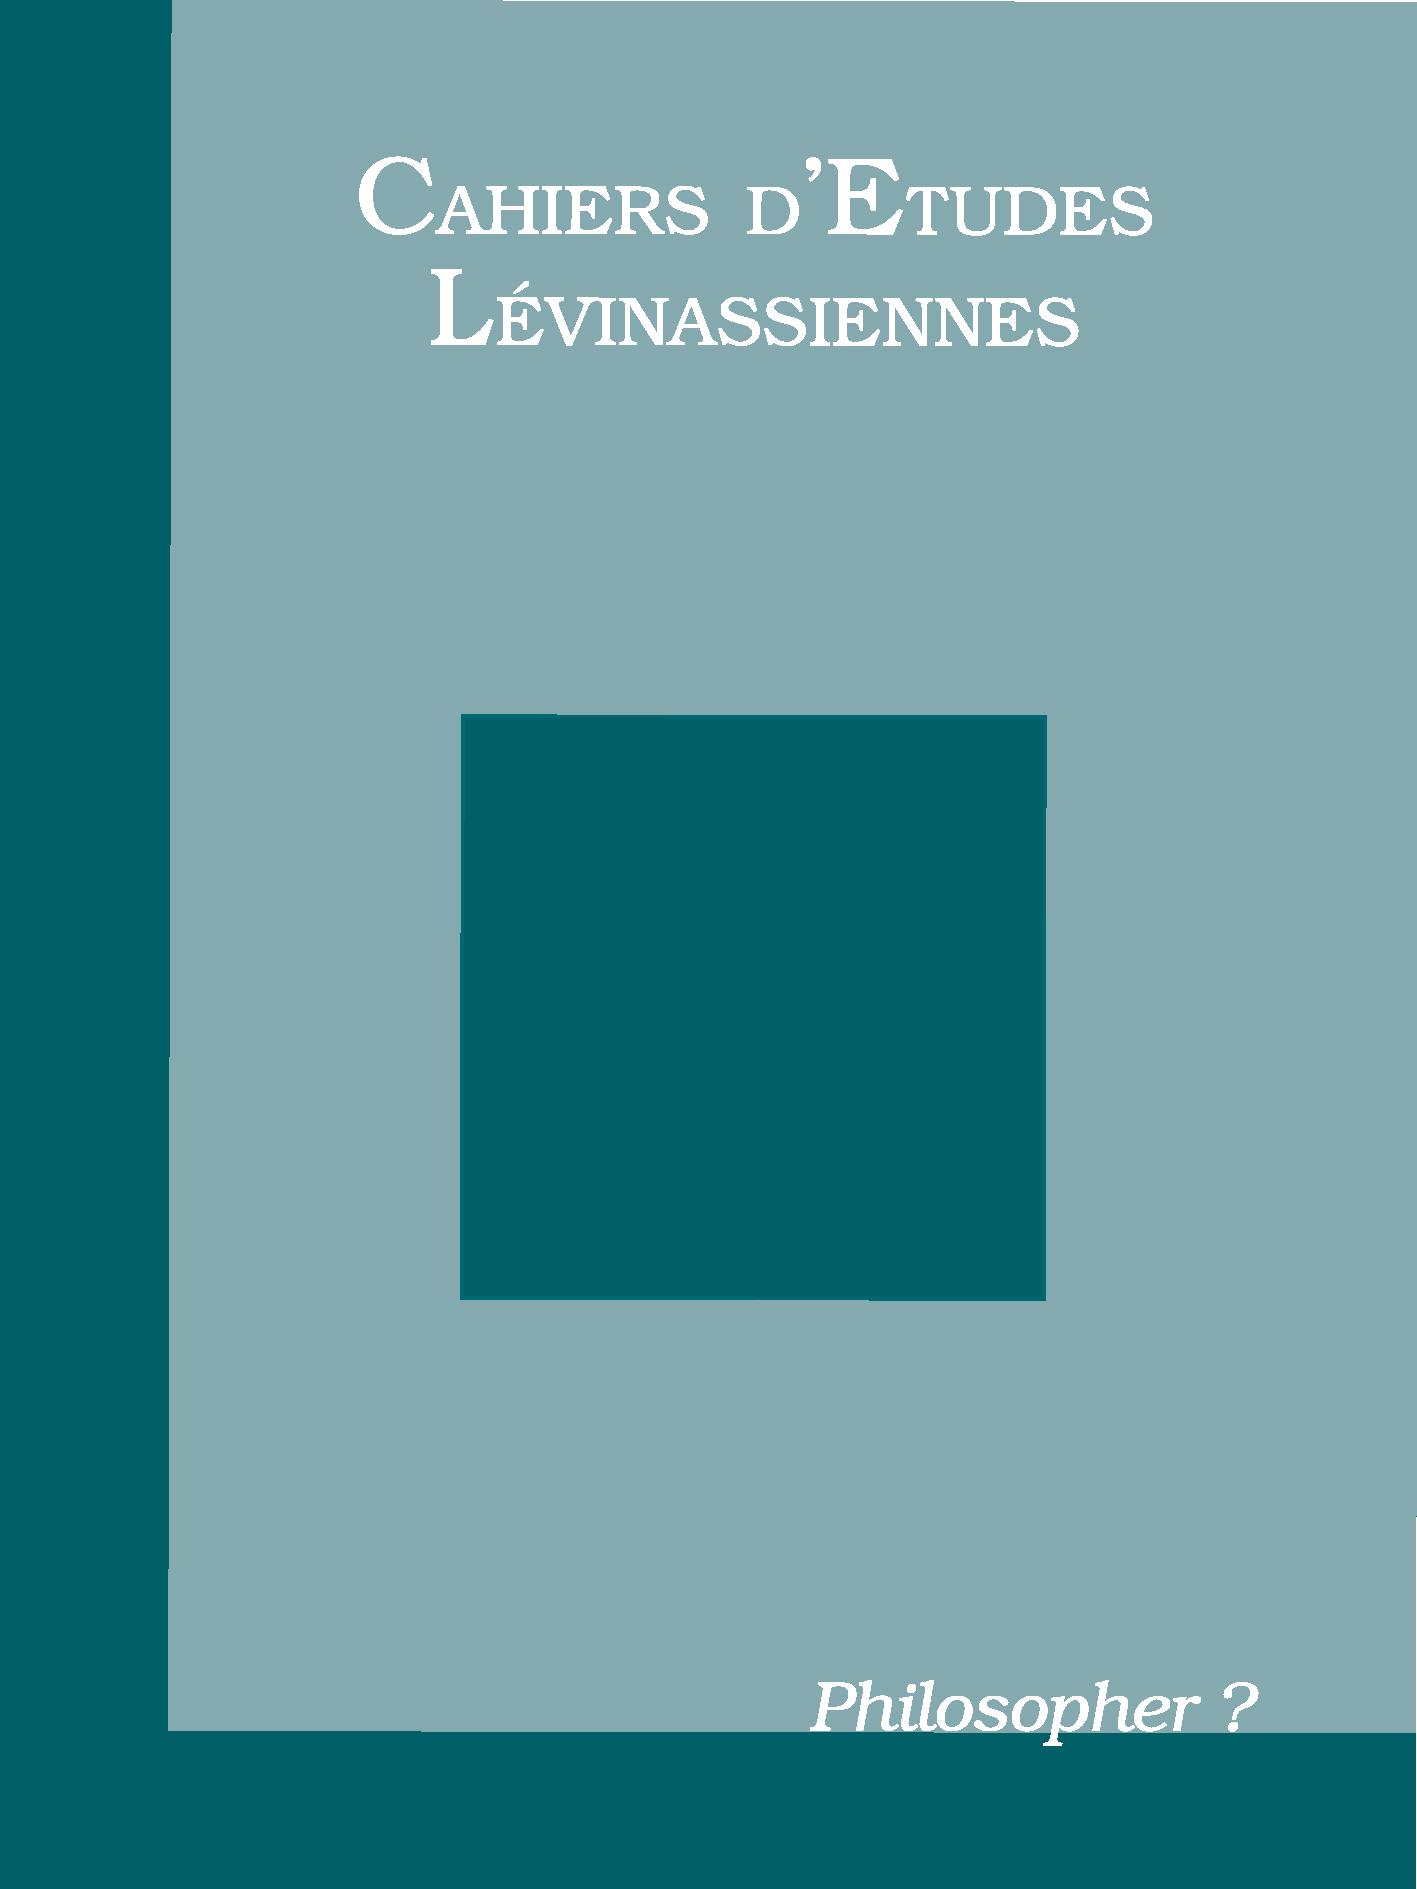 Couverture des Cahiers d'études lévinassiennes n°9, Philosopher?